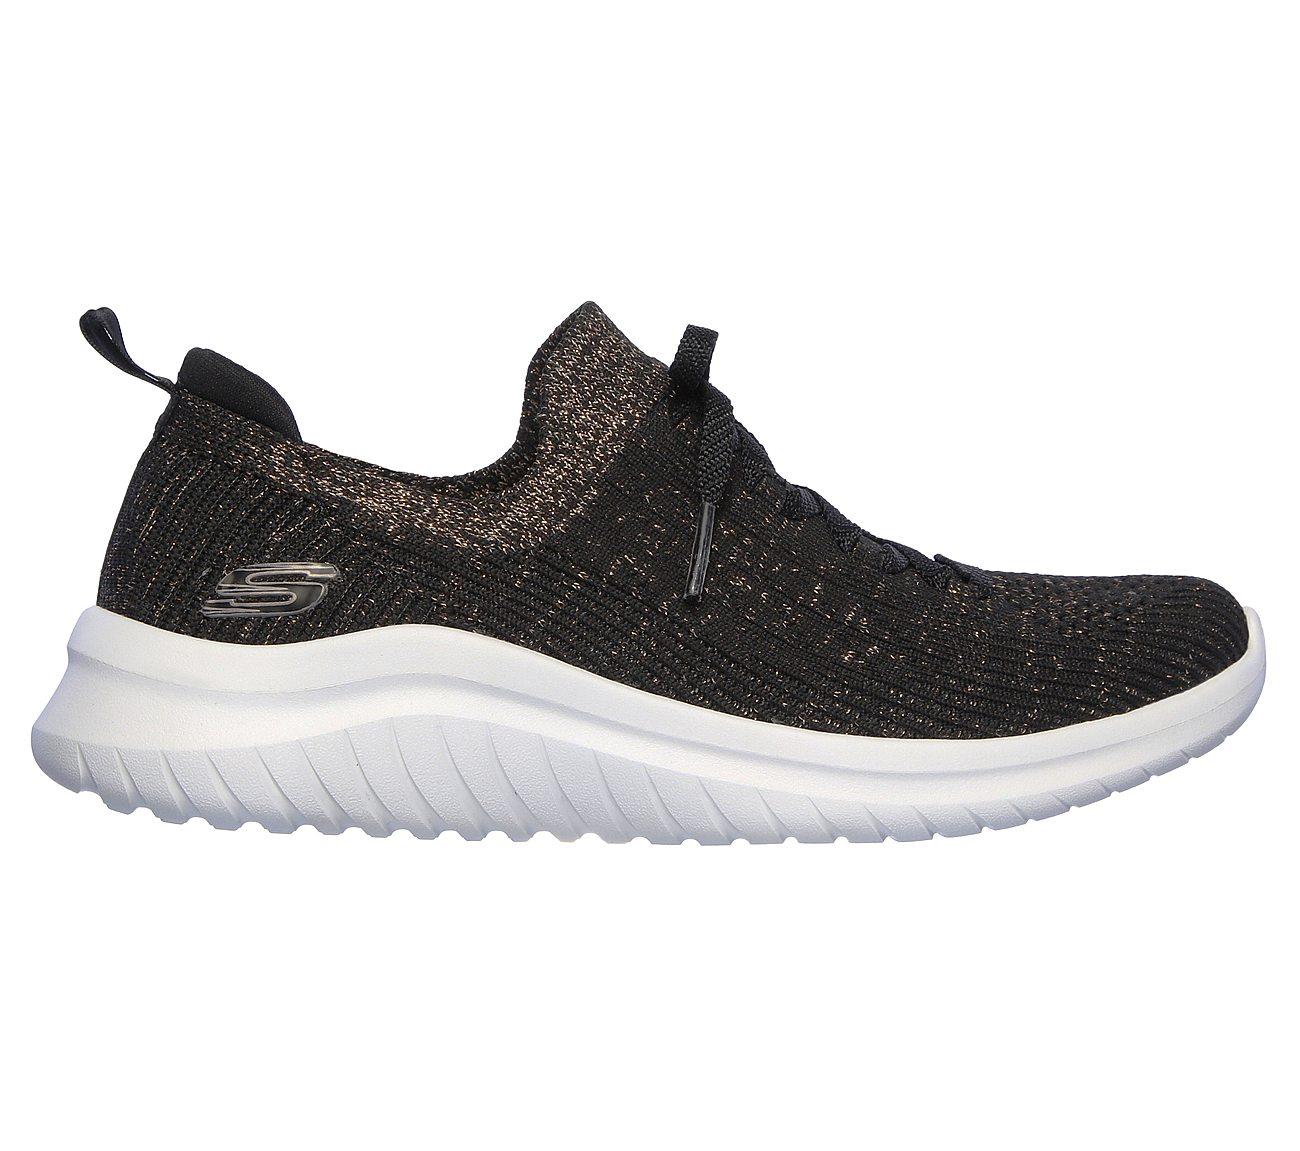 Skechers Women's Ultra Flex Strolling Out Sneaker Black